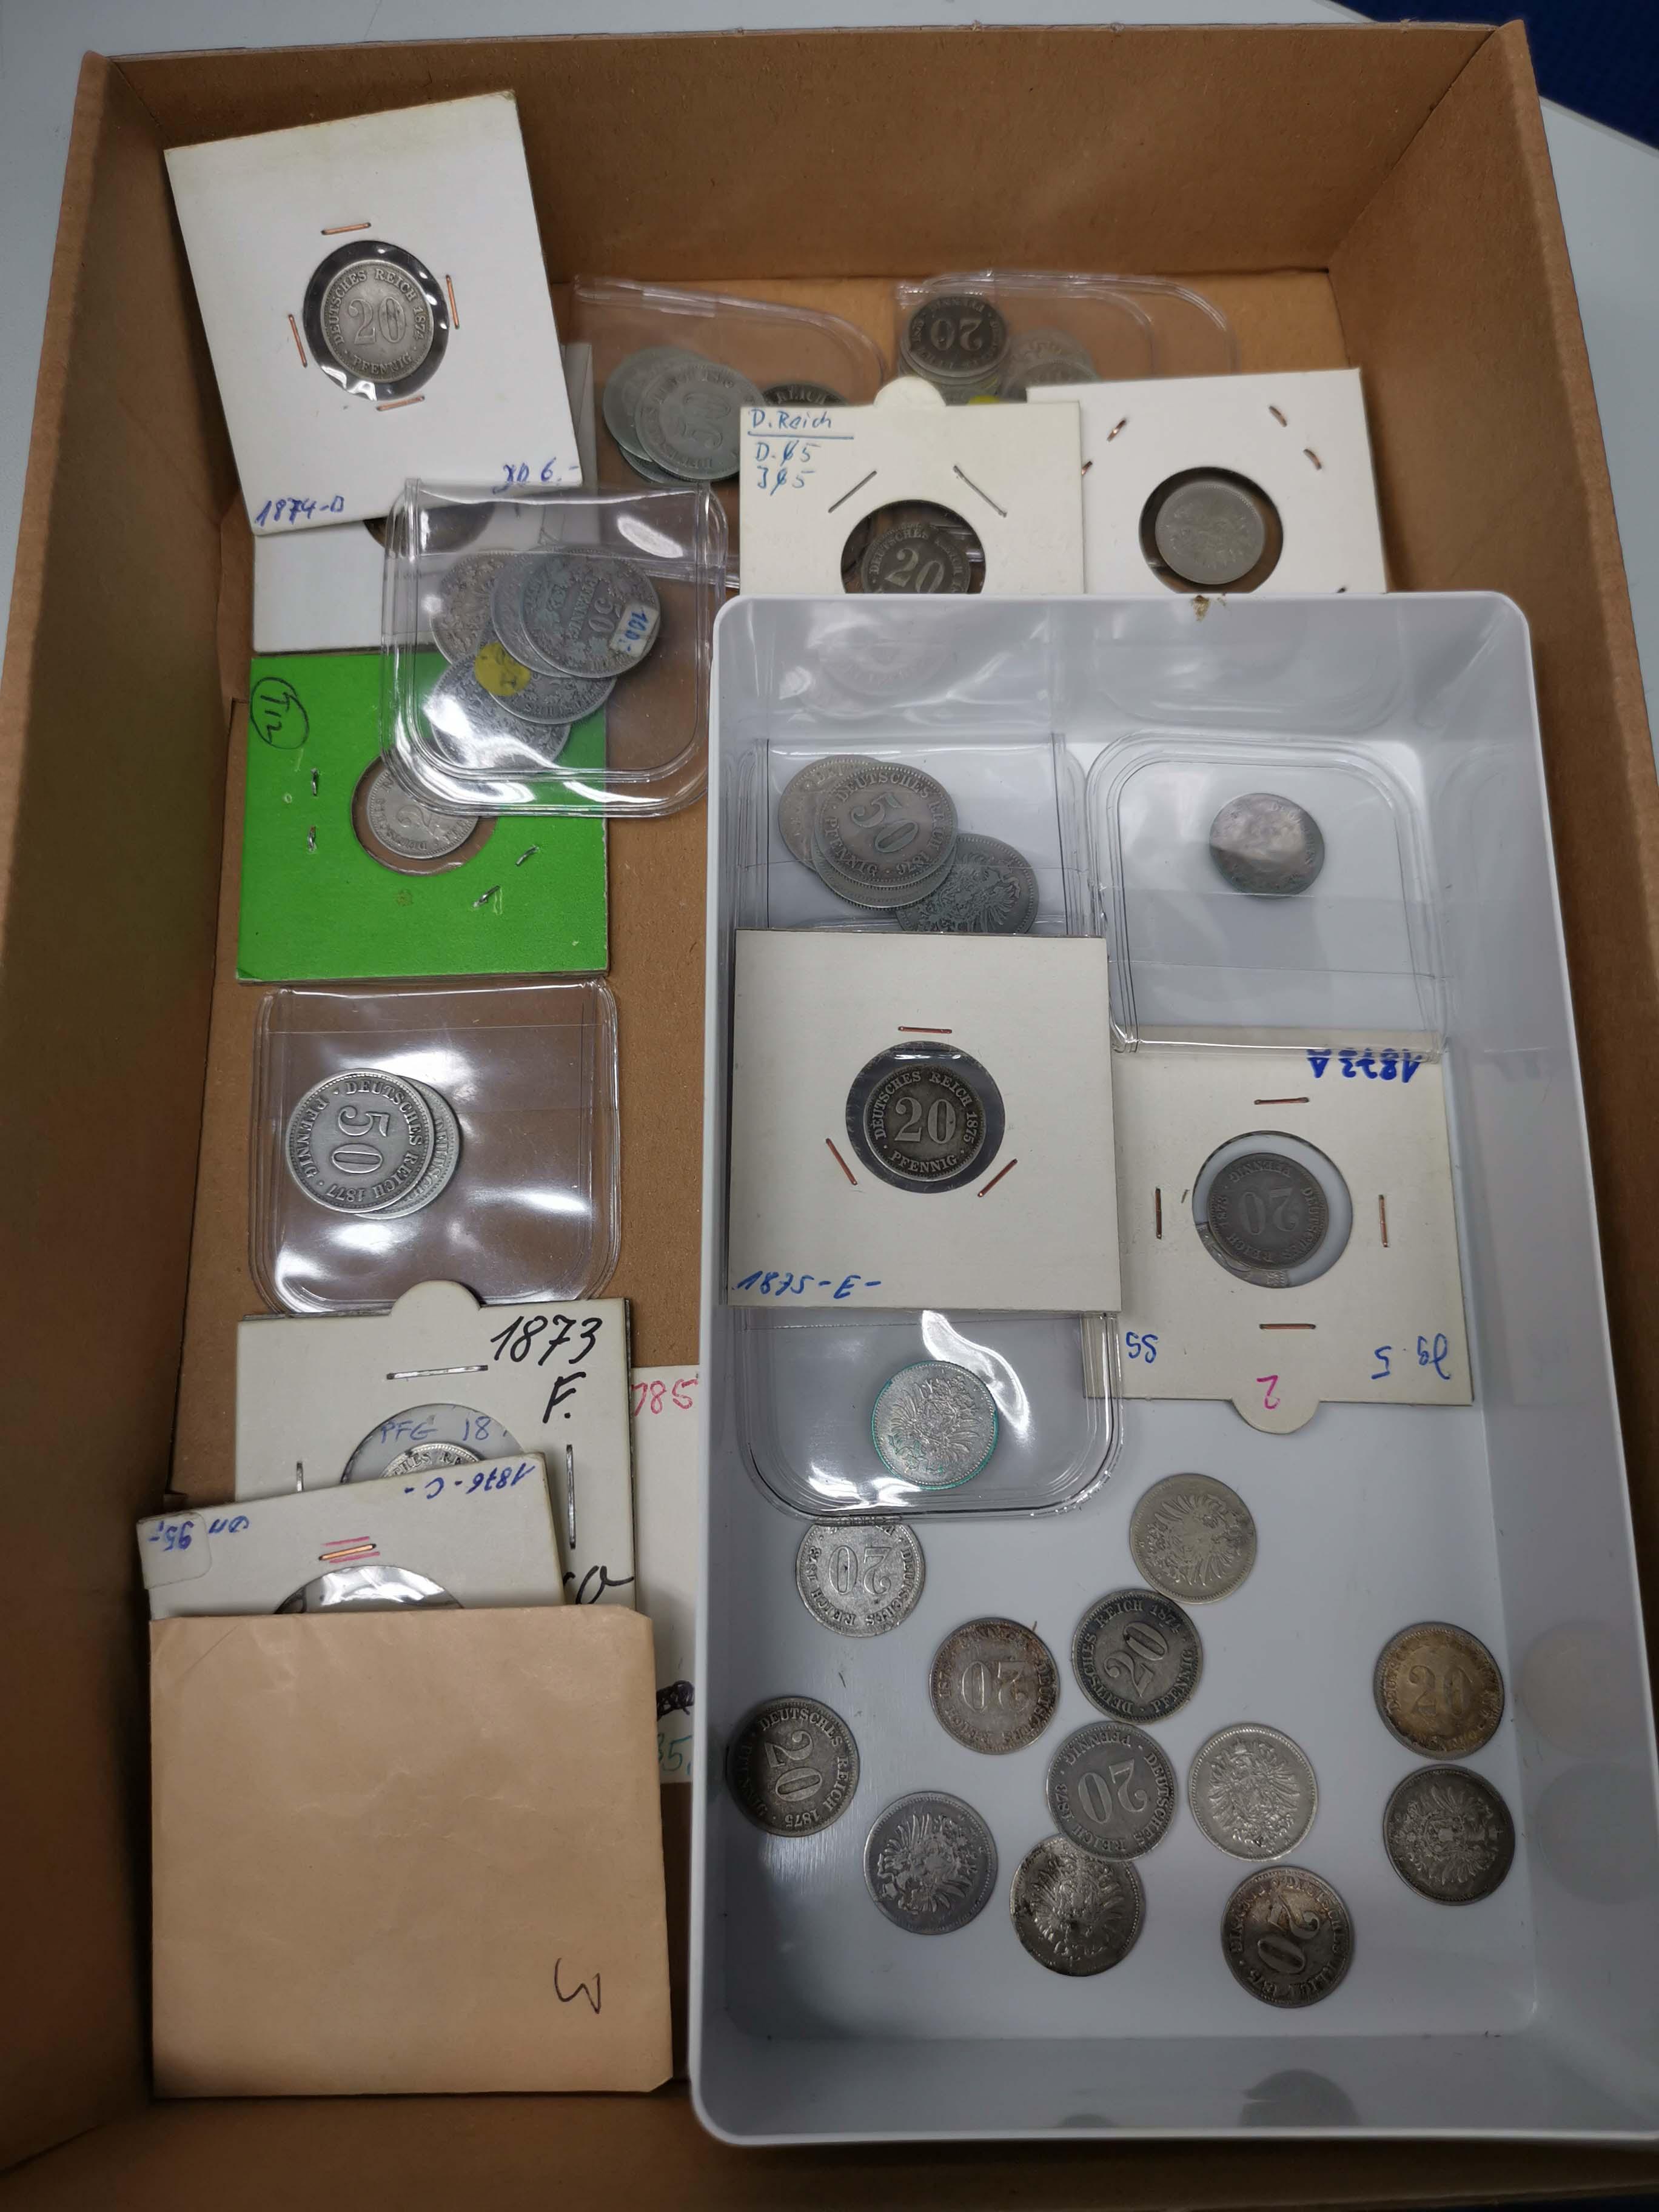 Lot 630 - deutschland Kaiserreich Silbermünzen - Kursmünzen -  Auktionshaus Ulrich Felzmann GmbH & Co. KG Coins single lots